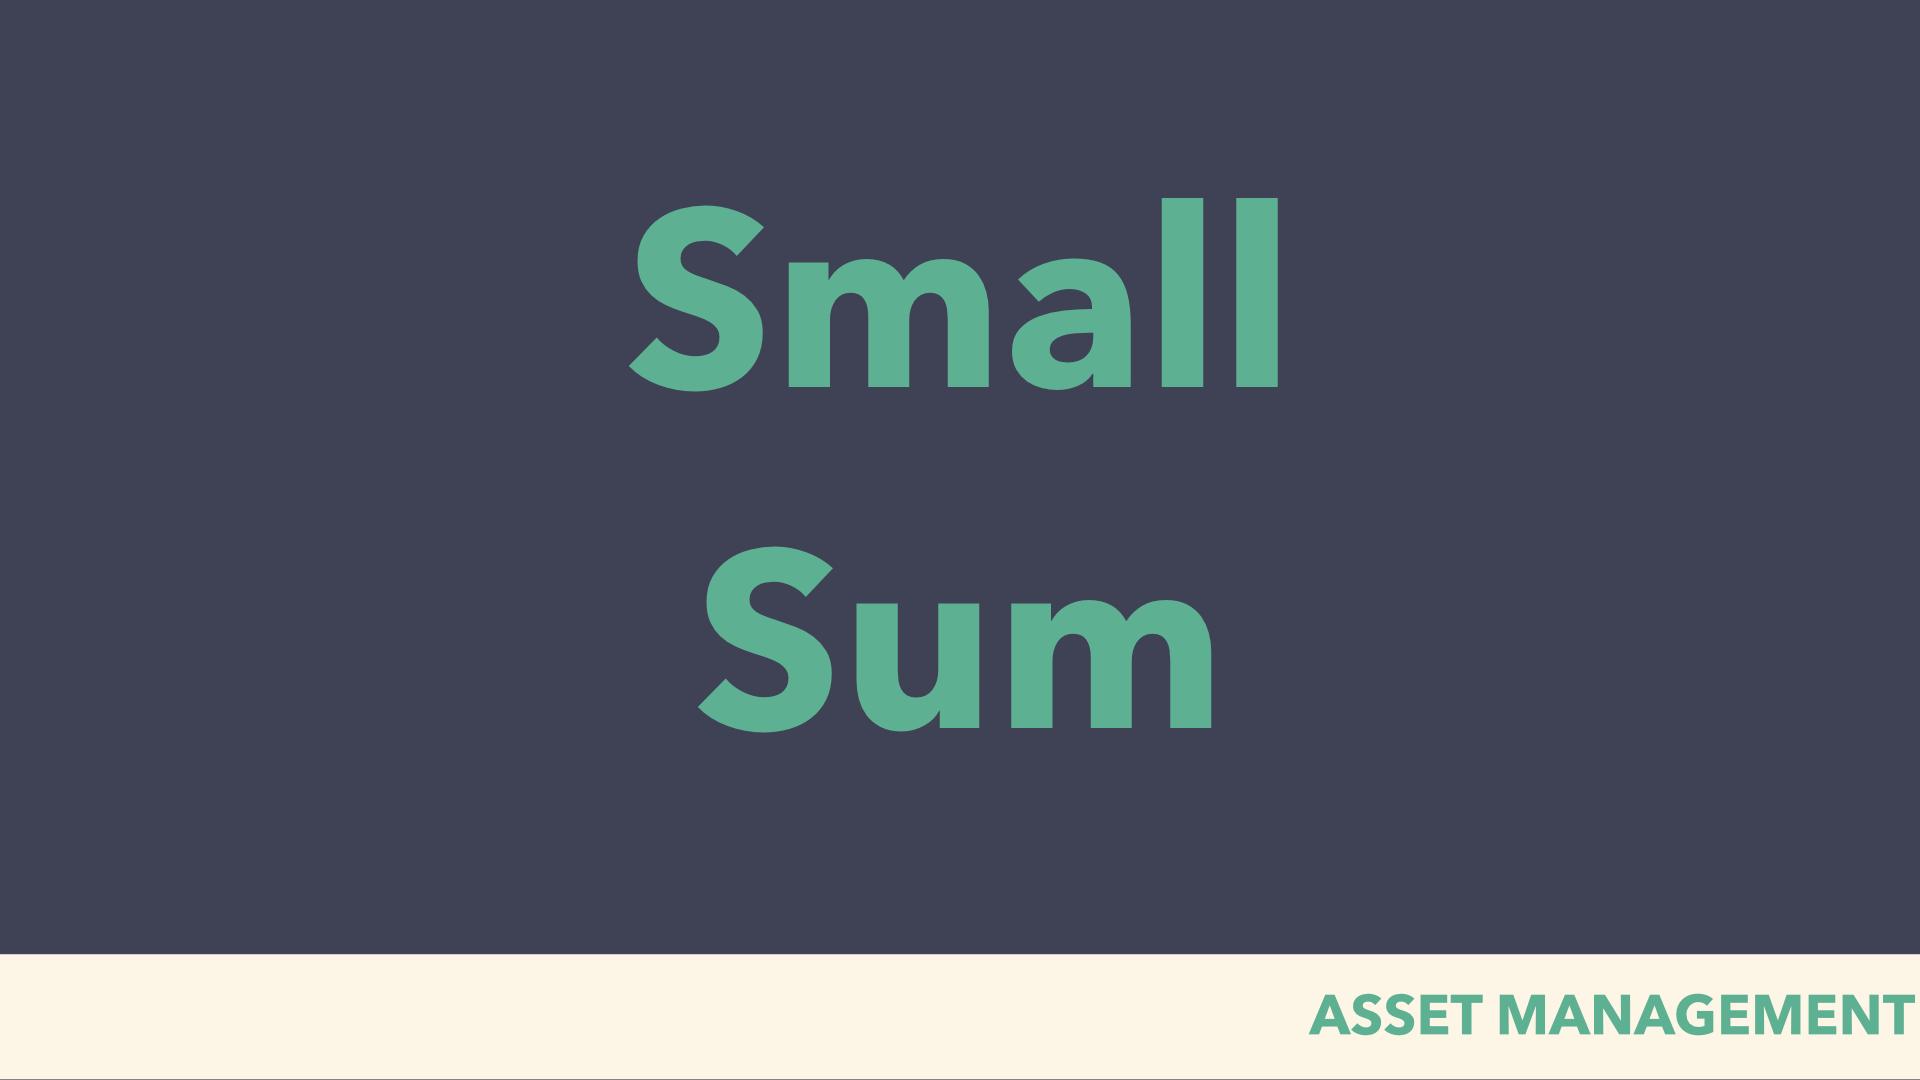 smallsum